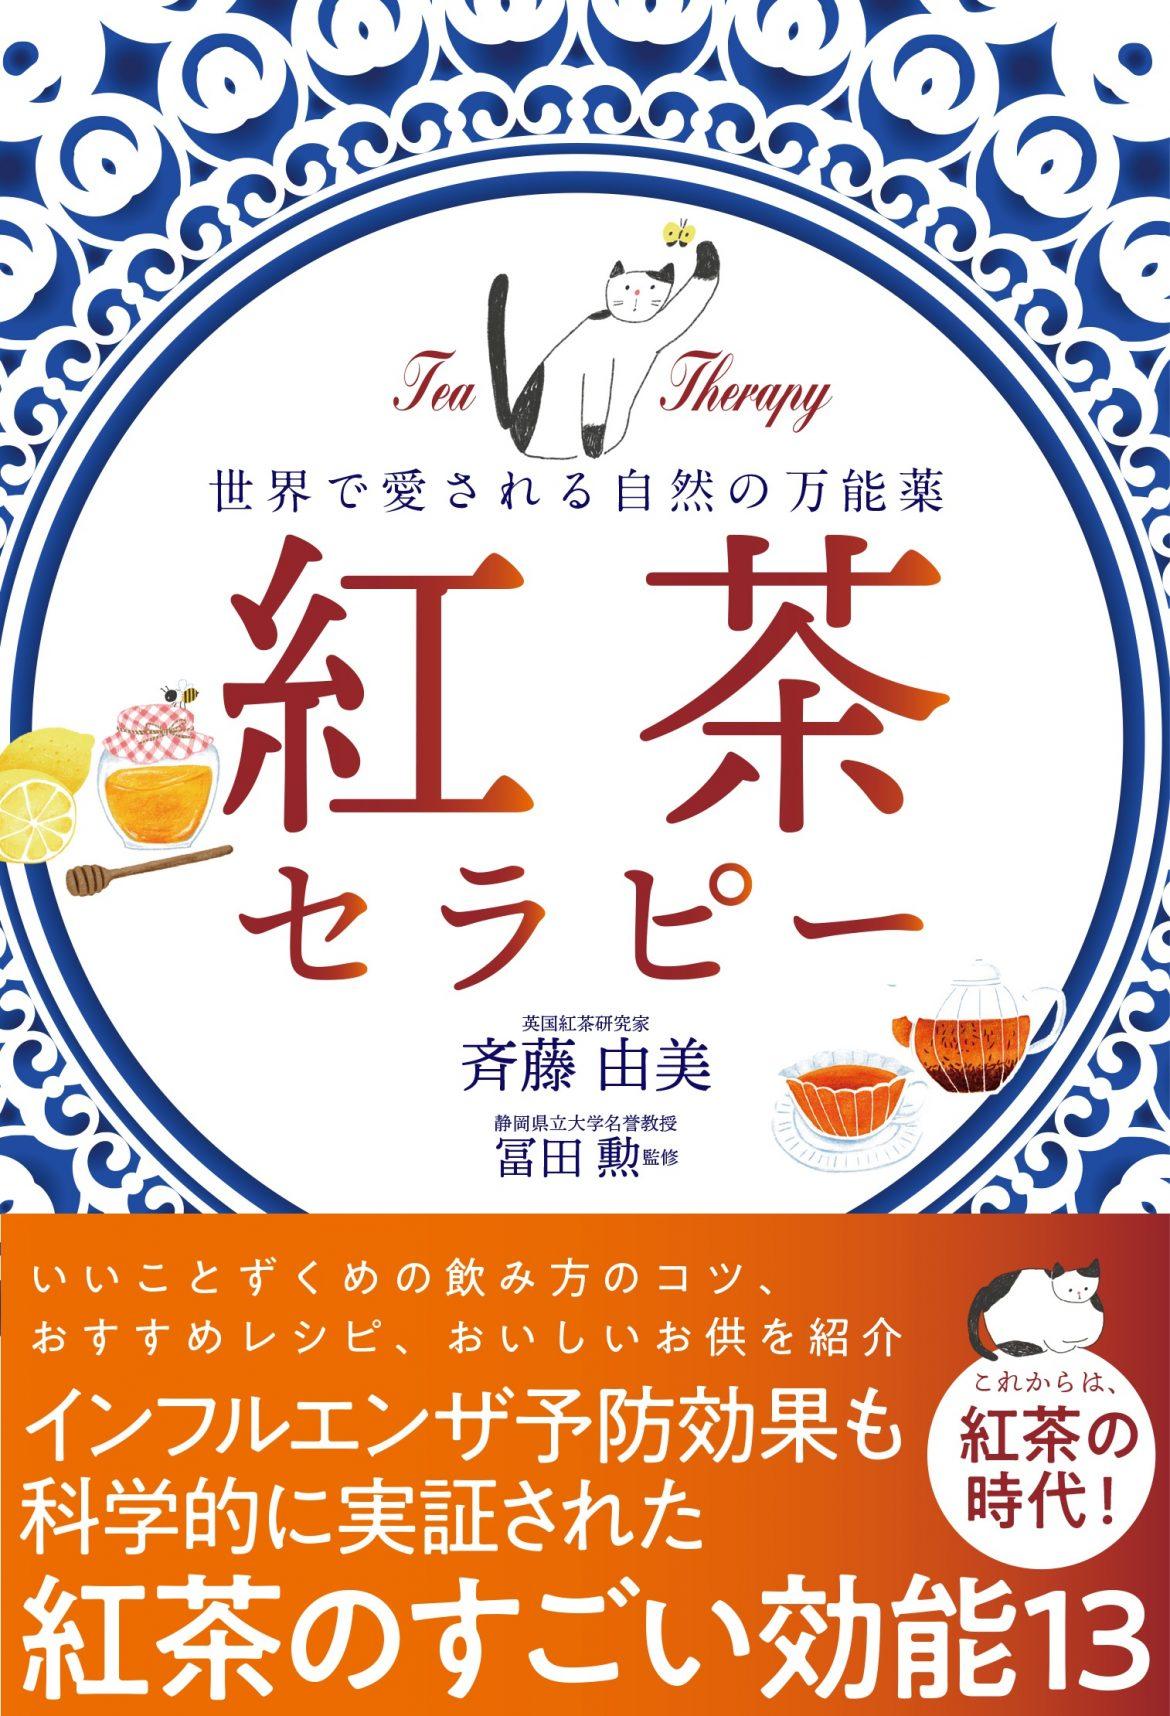 新作著書「紅茶セラピー~世界で愛される自然の万能薬」9月27日発売のご案内